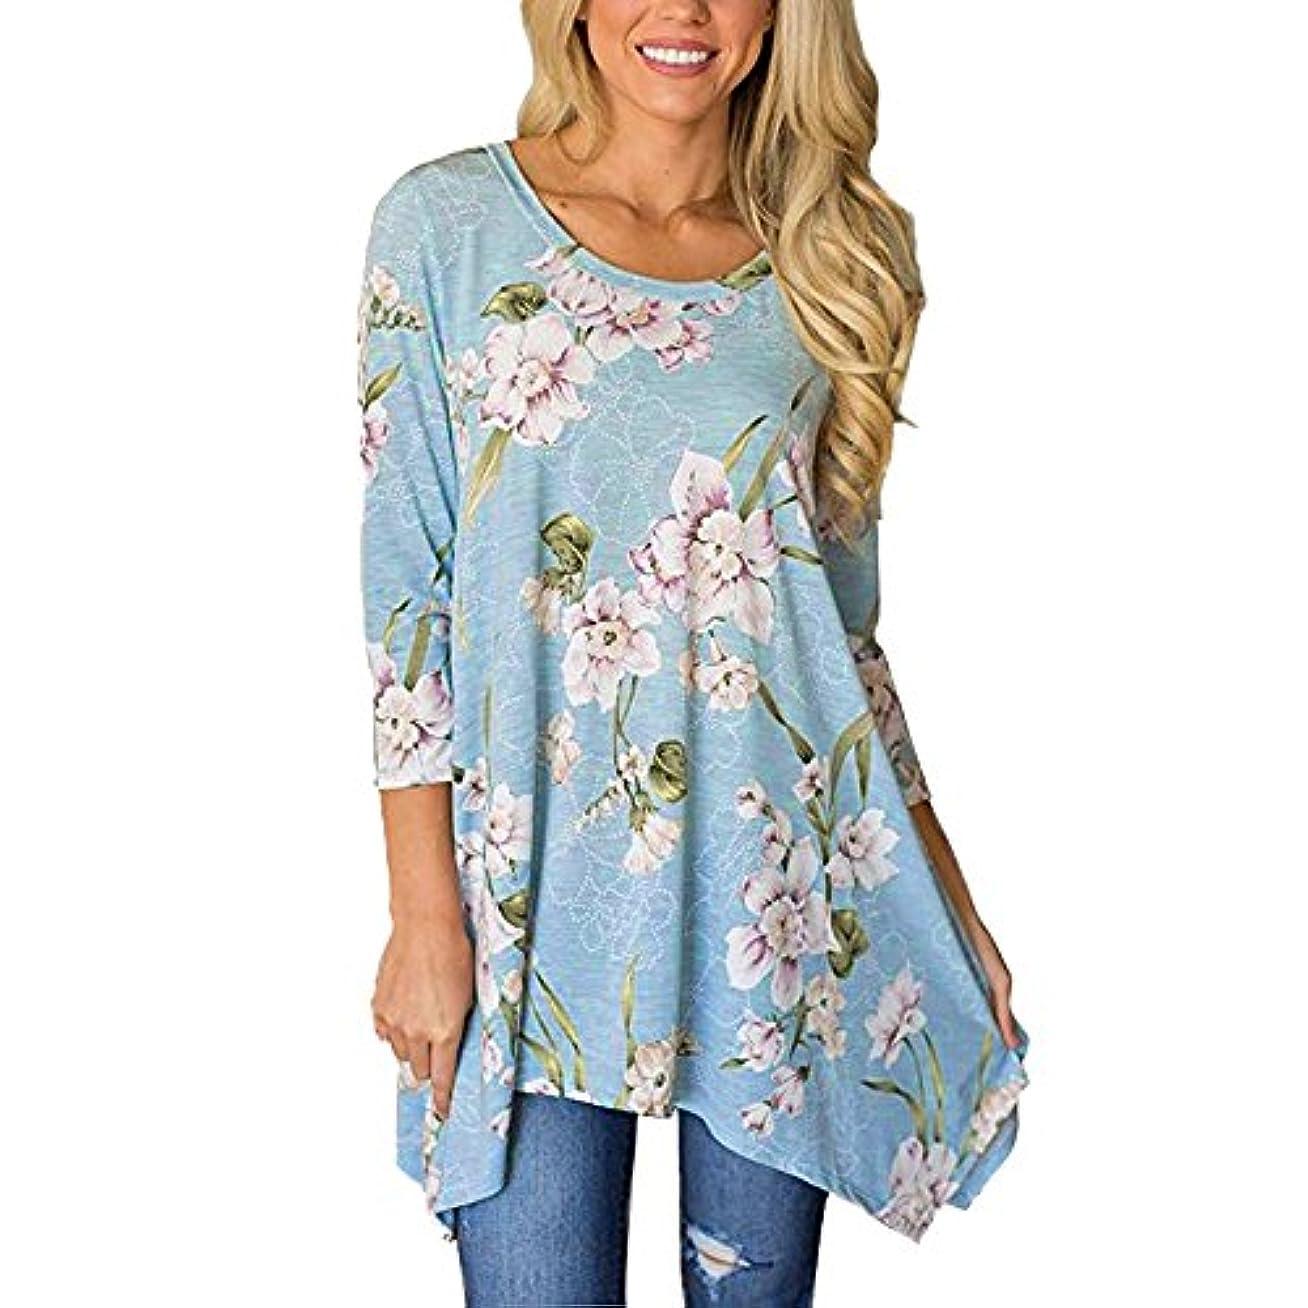 スープ性的鉱石SakuraBest Women Loose Flowy Flowers Long Sleeve Tank T Shirts Tops Irregular Blouse